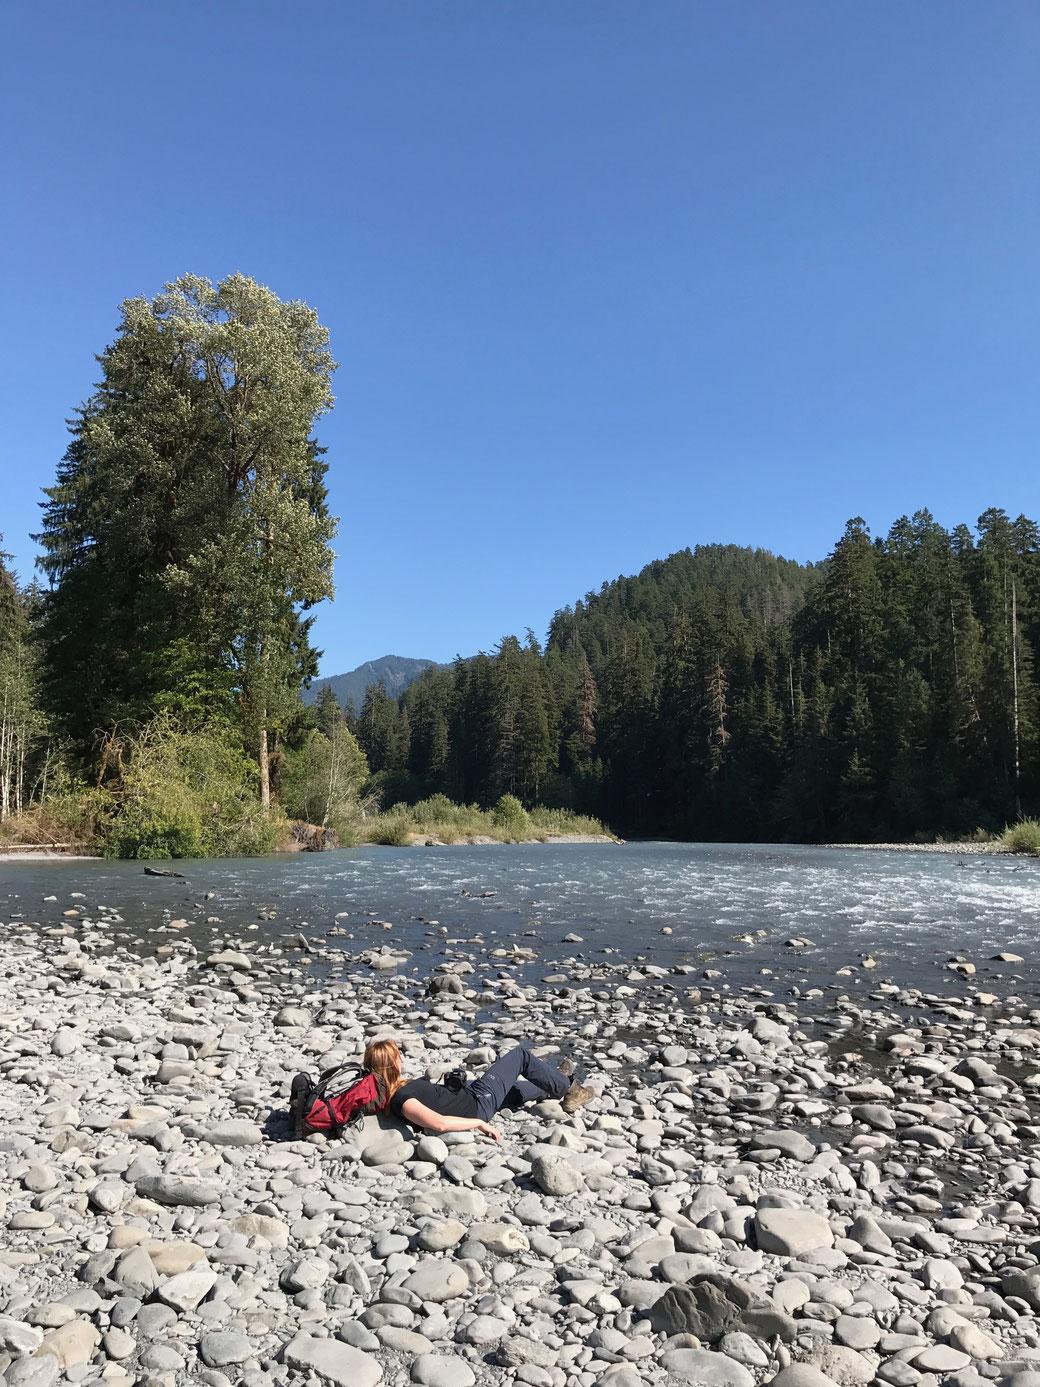 Hoh River Trail - eine kurze Pause auf den warmen Steinen